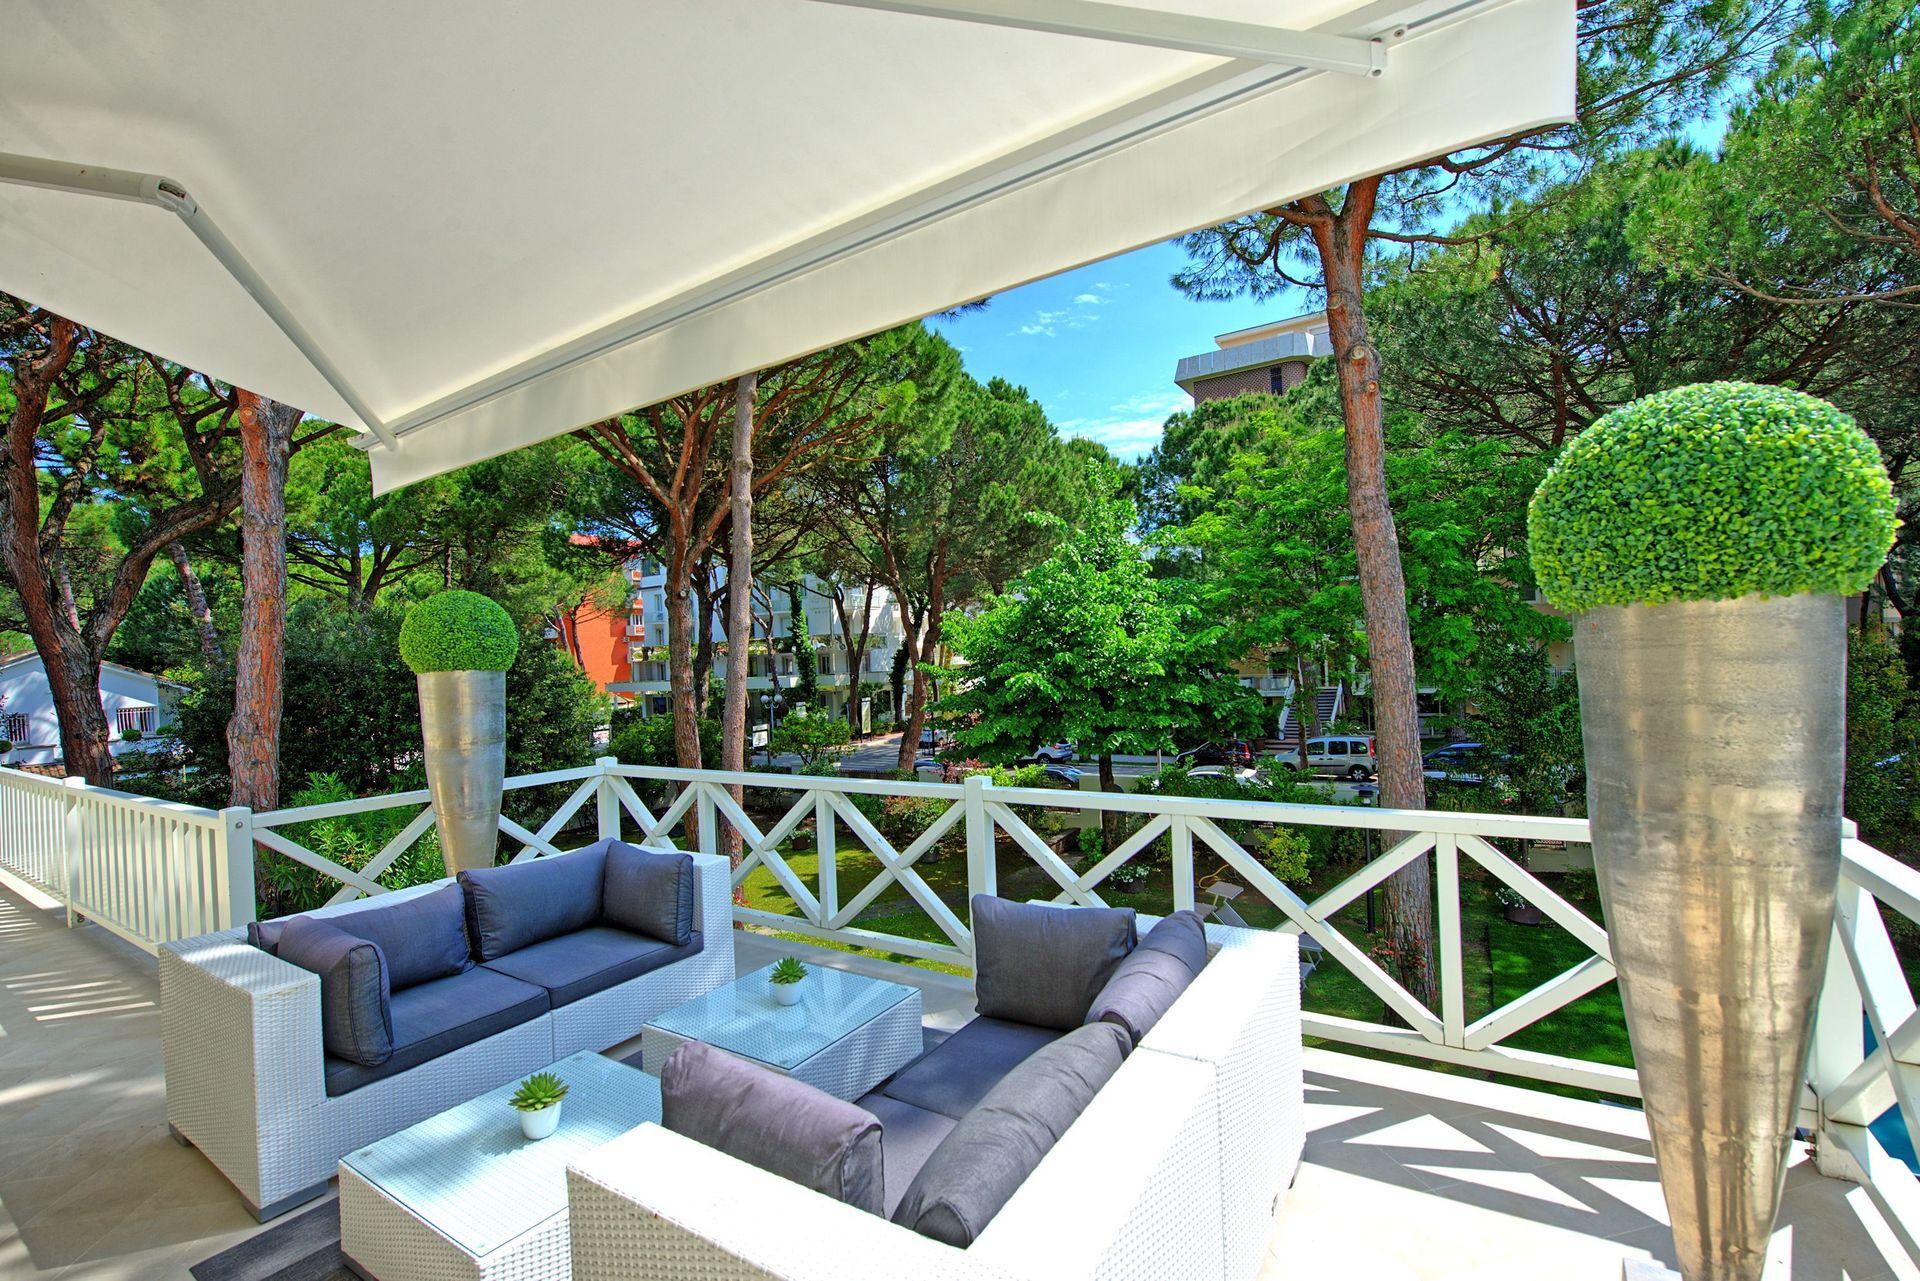 Jacuzzi Sauna Piscina.Villa Guidi Casa De Vacaciones Con 5 Habitaciones Con Una